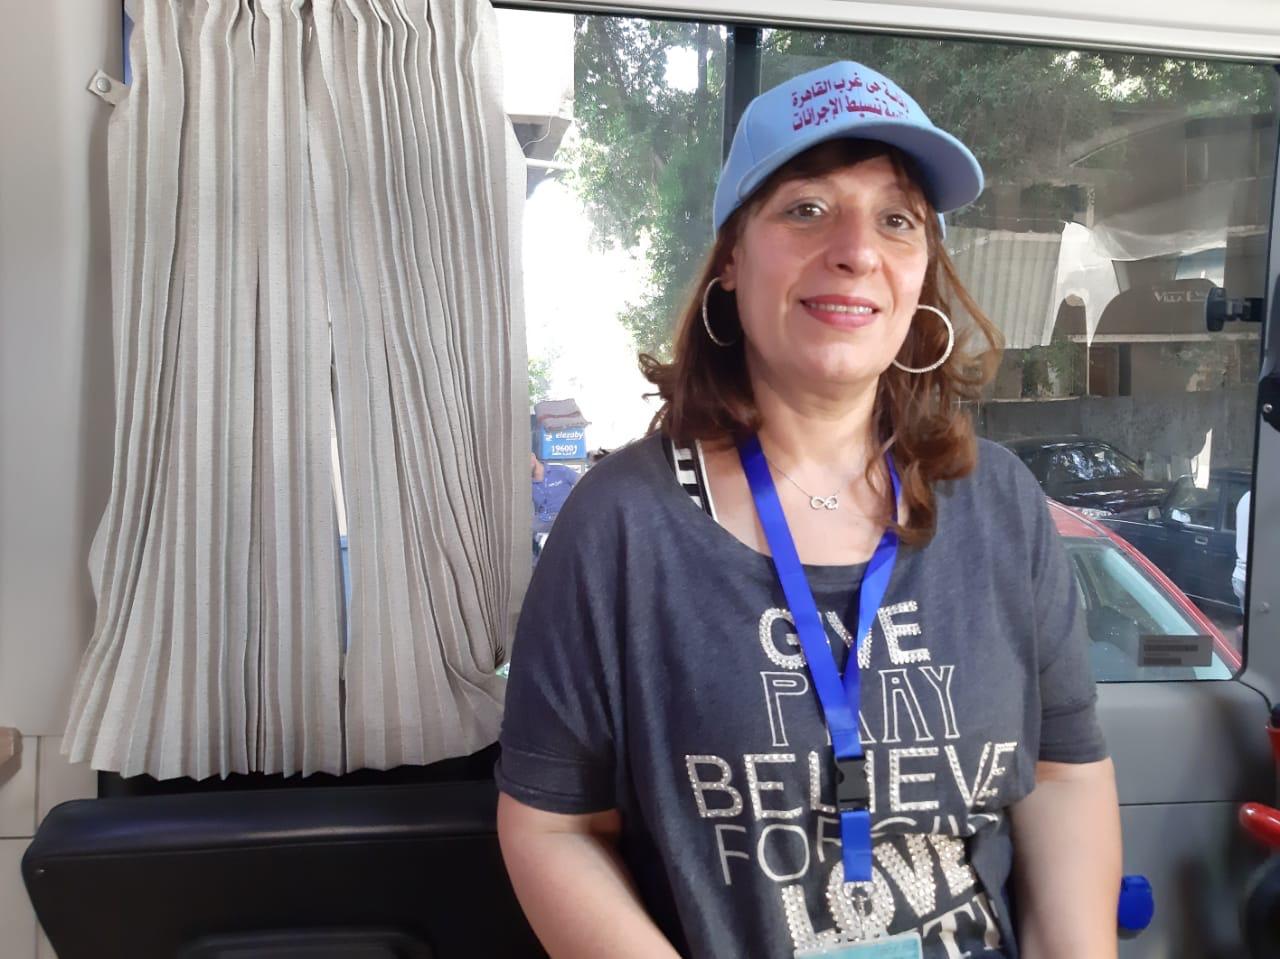 إيمان يوسف- المستشار الإعلامي لرئيس حي غرب القاهرة